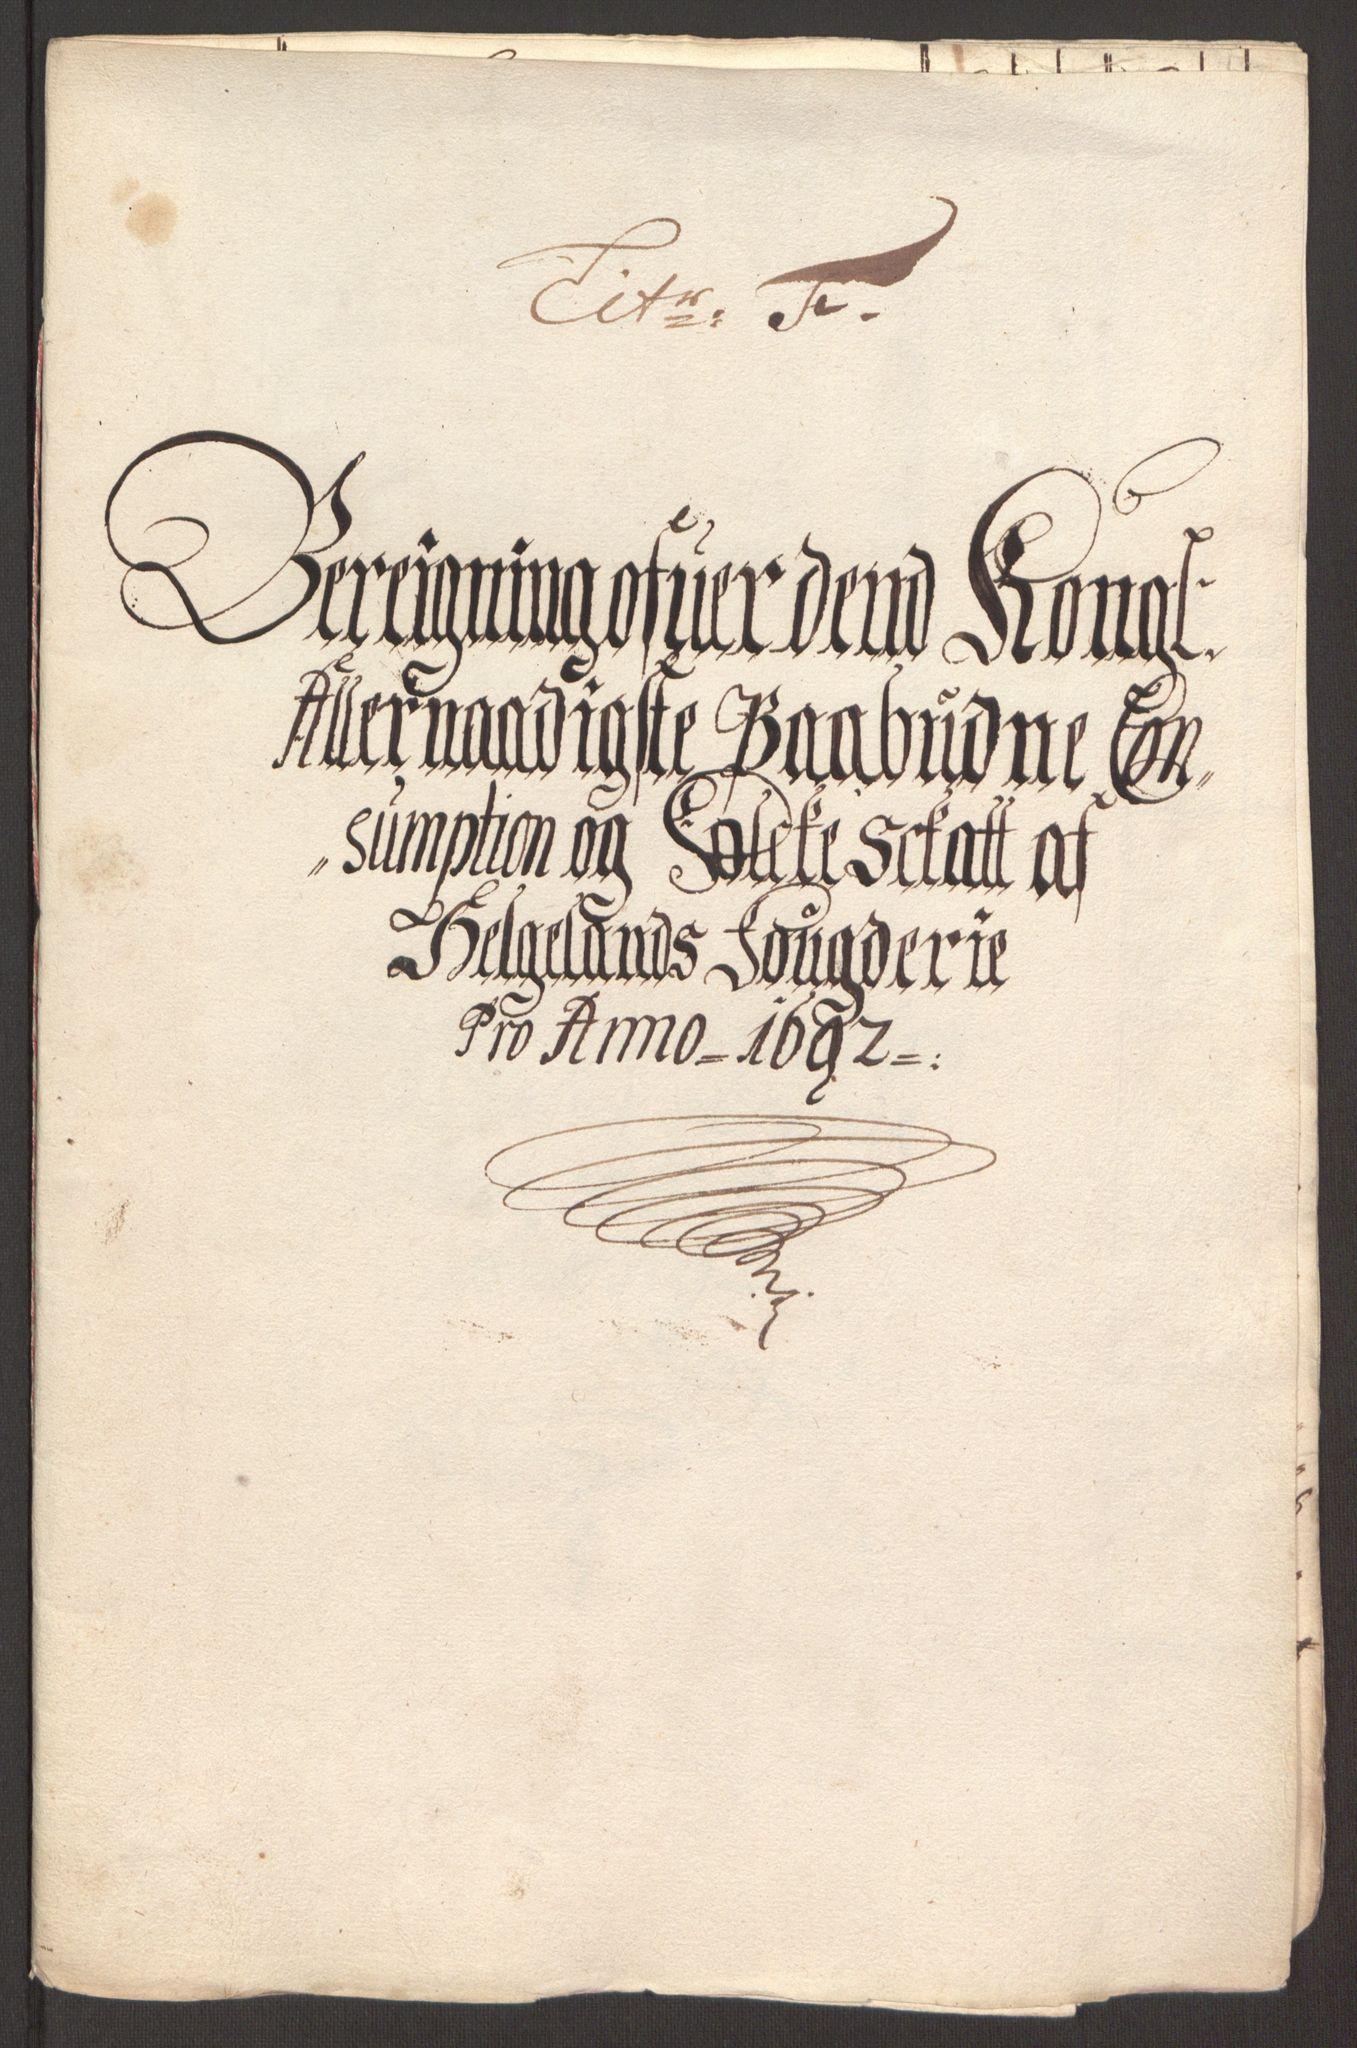 RA, Rentekammeret inntil 1814, Reviderte regnskaper, Fogderegnskap, R65/L4504: Fogderegnskap Helgeland, 1691-1692, s. 278